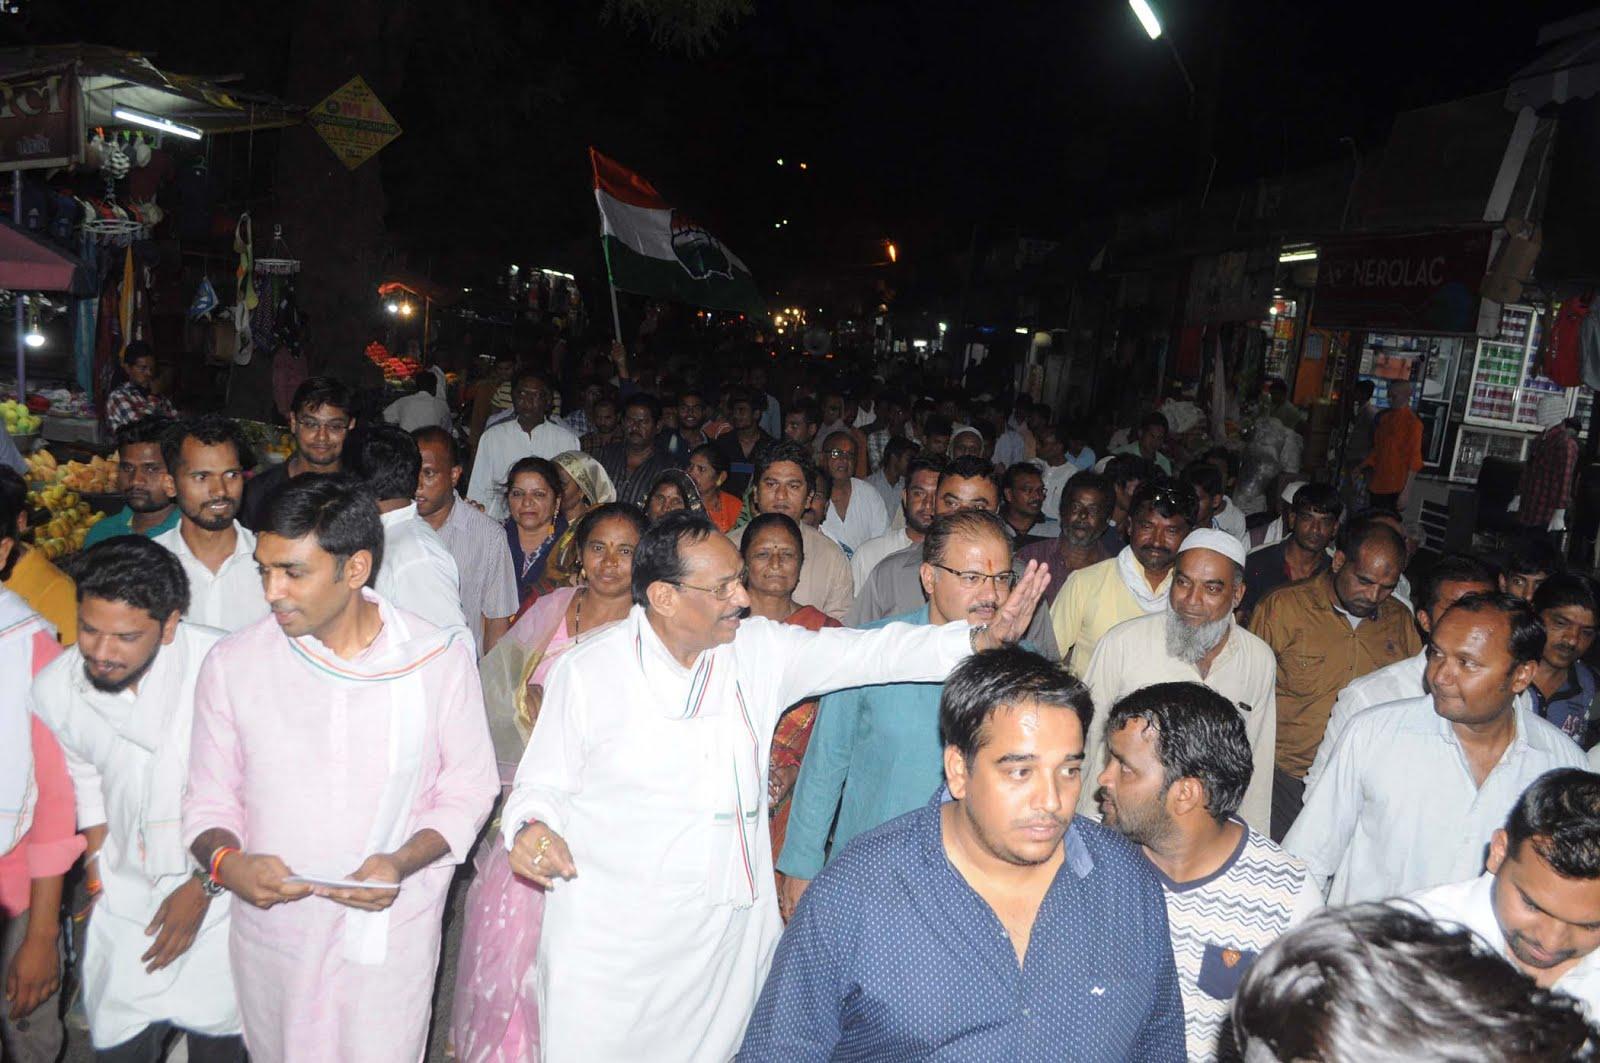 Congress-poll-against-the-anti-people-policies-of-the-BJP-government-started.-भाजपा सरकार की जनविरोधी नीतियो के खिलाफ कांग्रेस का पोल.खोल अभियान हुआ प्रारंभ